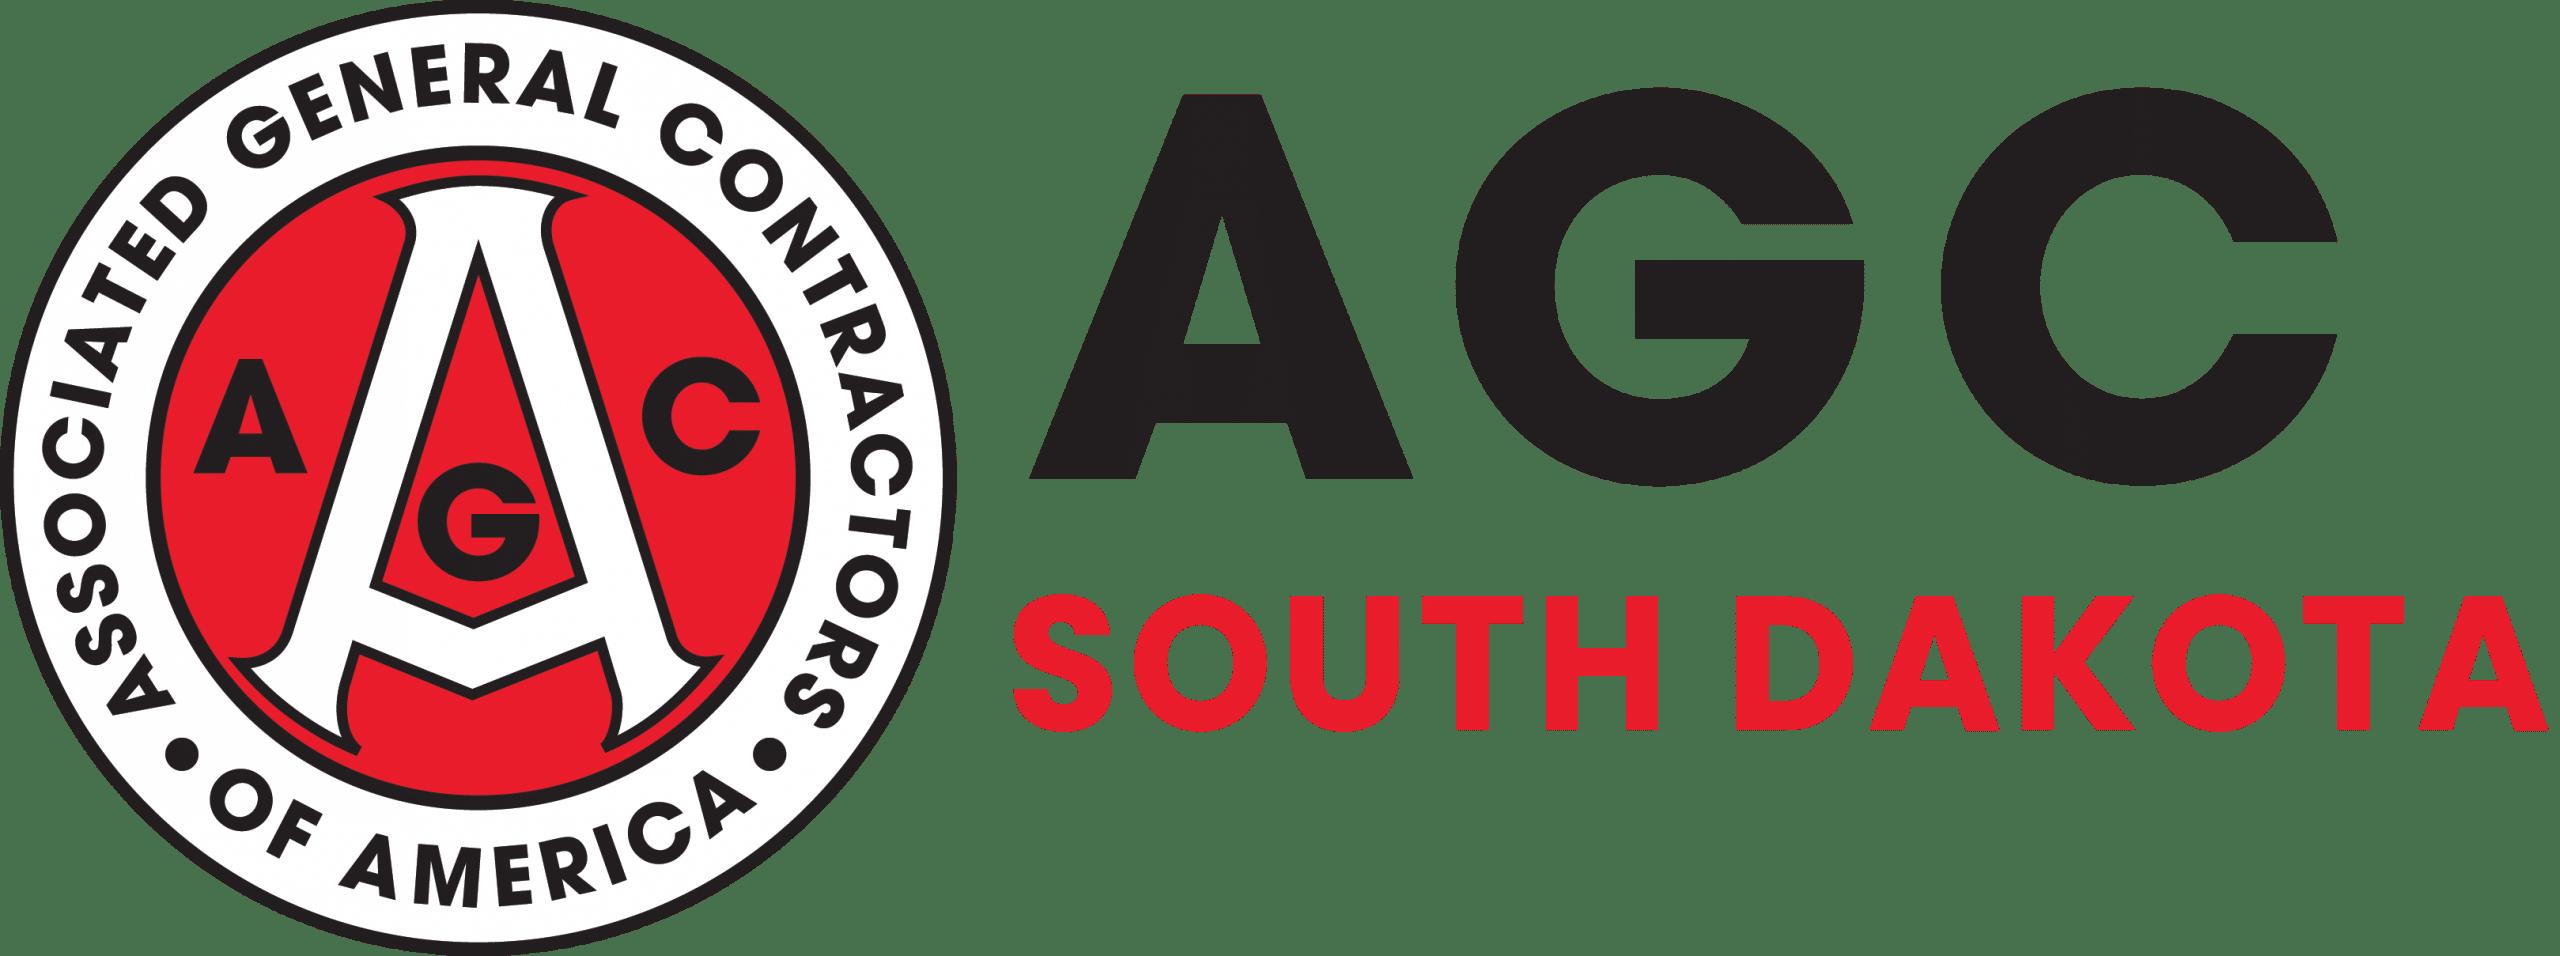 AGC South Dakota logo